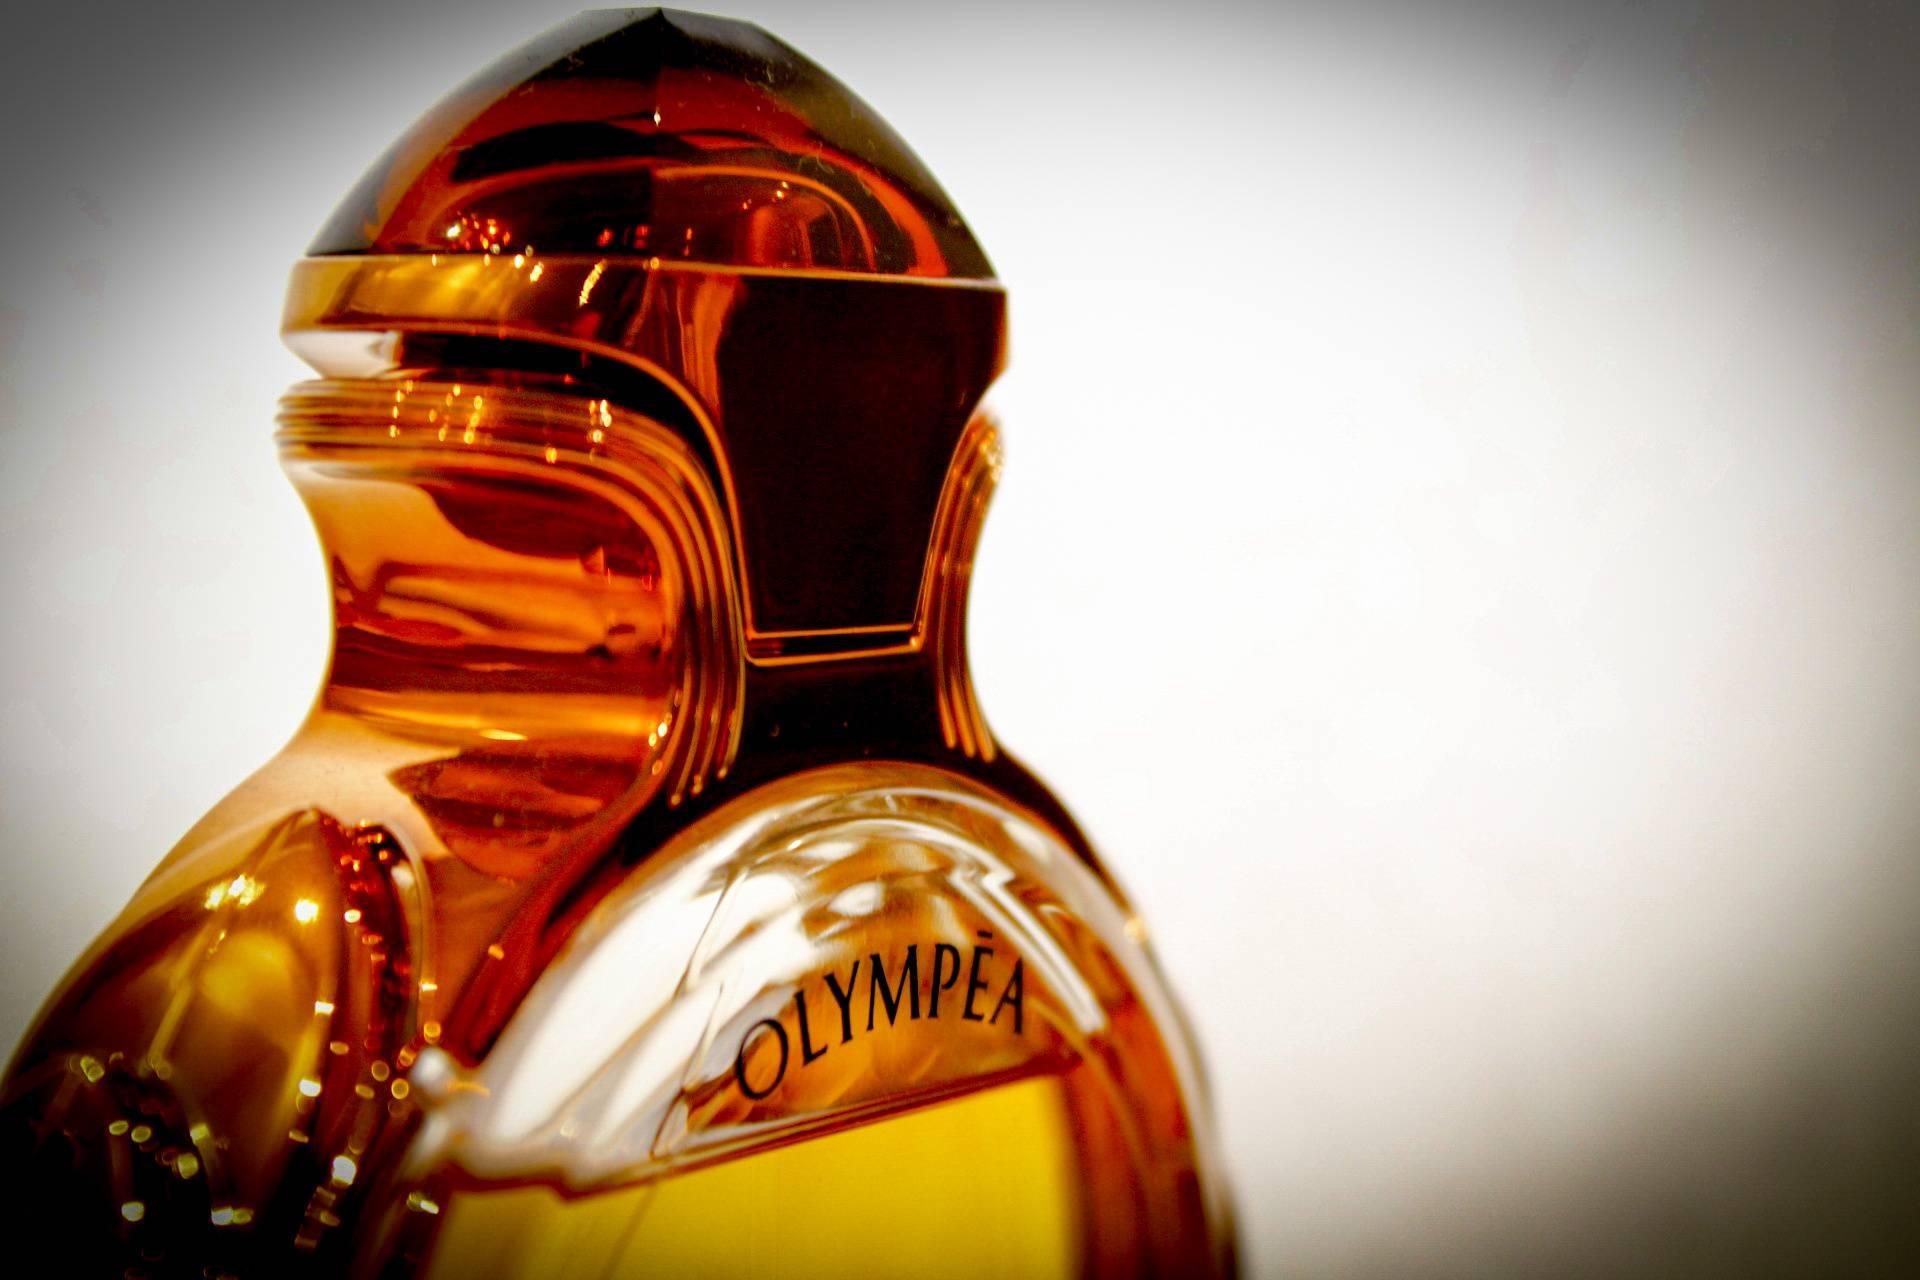 Olympea parfume